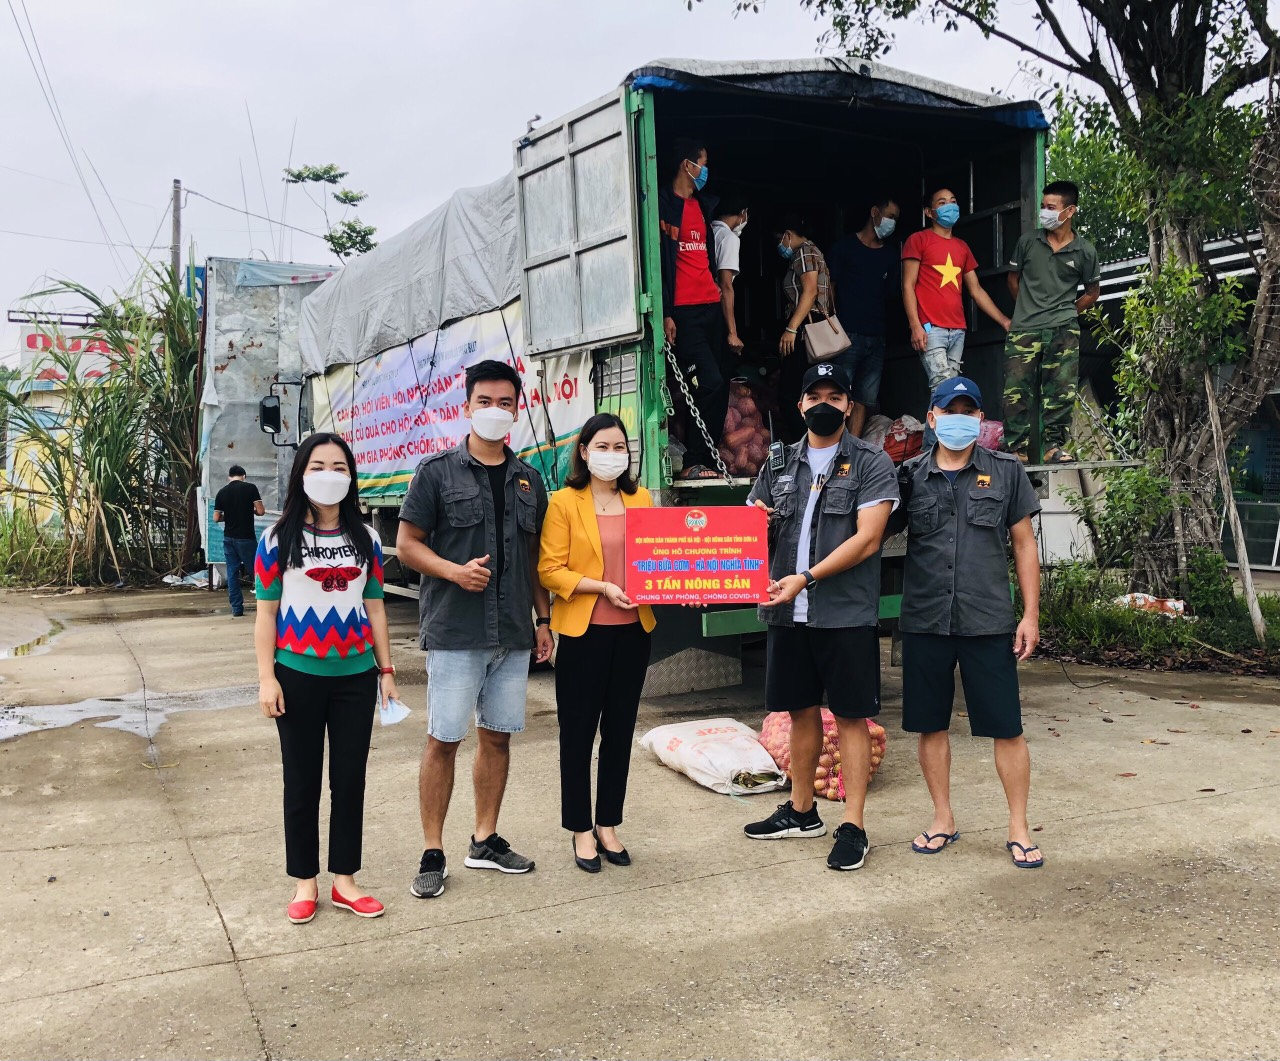 Hội Nông dân Sơn La hỗ trợ trên 100 tấn nông sản cho các tỉnh, thành phố chống dịch - Ảnh 3.